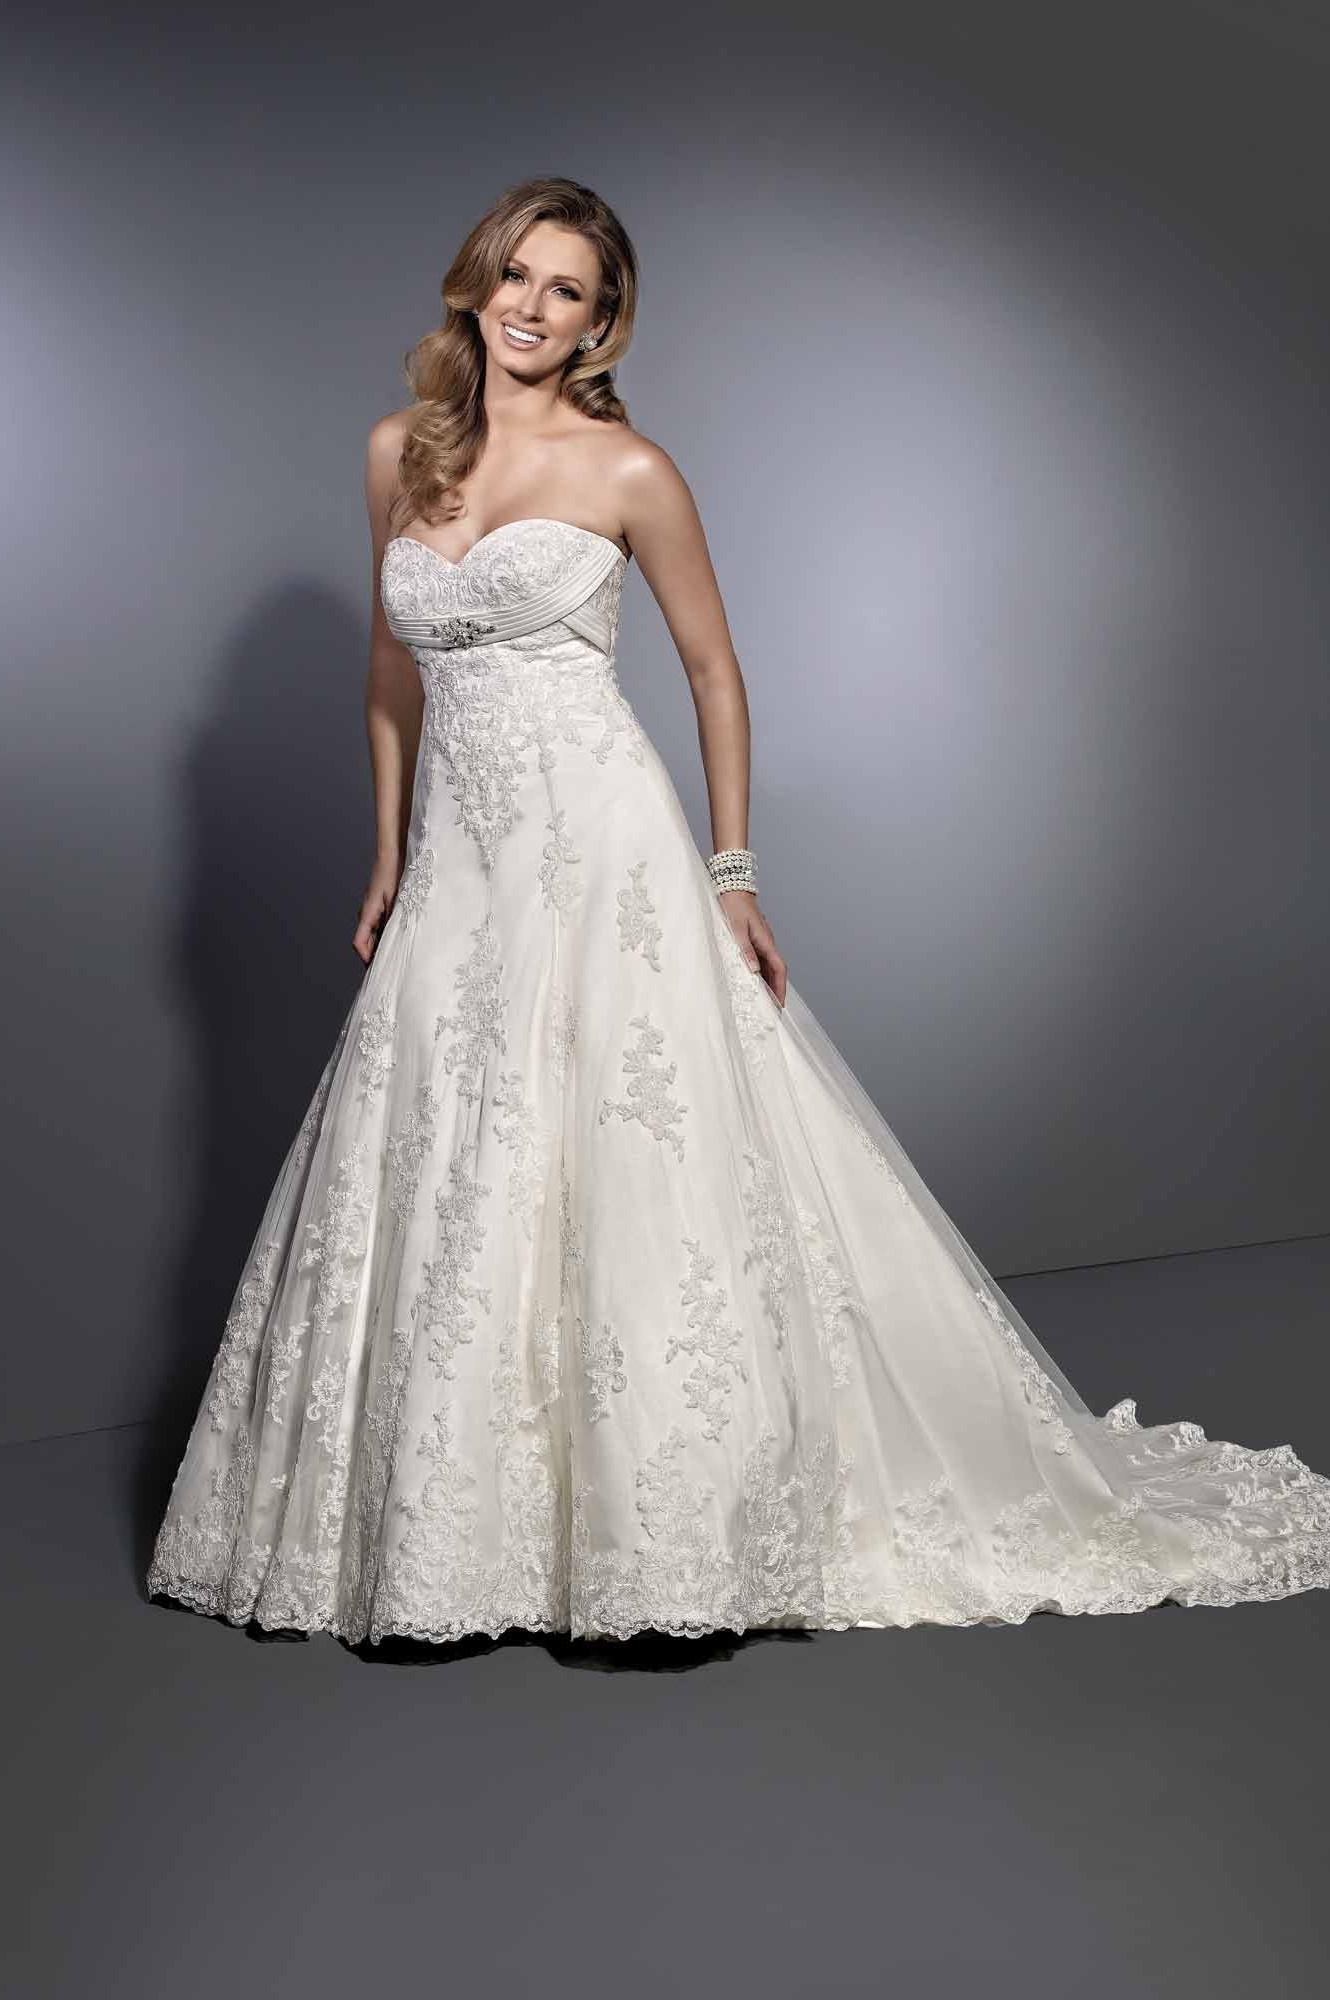 Svadobné šaty - Ostatné Archives - Page 2 of 3 - elegantstitch 4555f9fa514